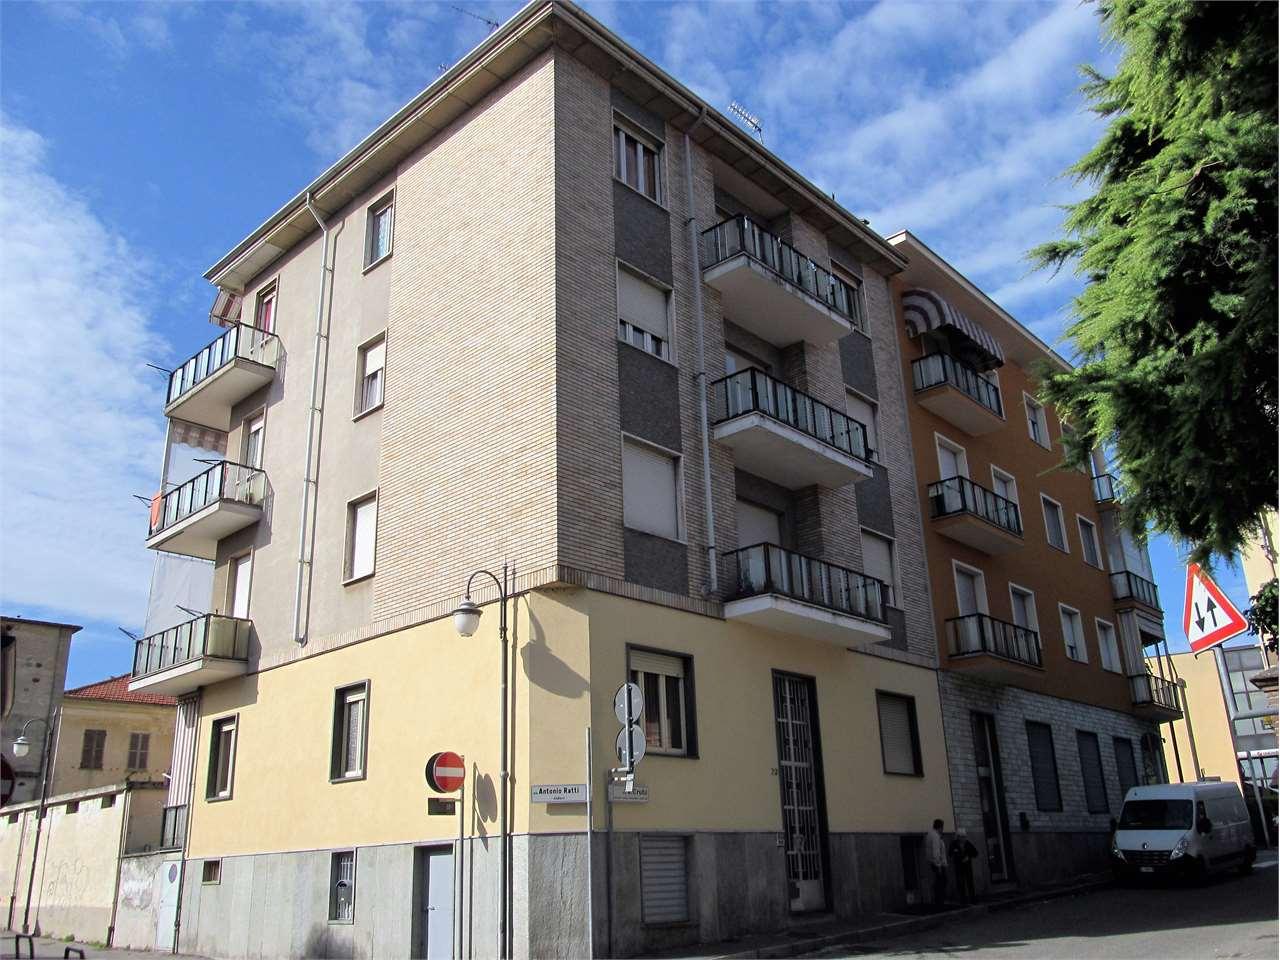 Ufficio / Studio in vendita a Alpignano, 2 locali, zona Località: Centro, prezzo € 78.000 | Cambio Casa.it